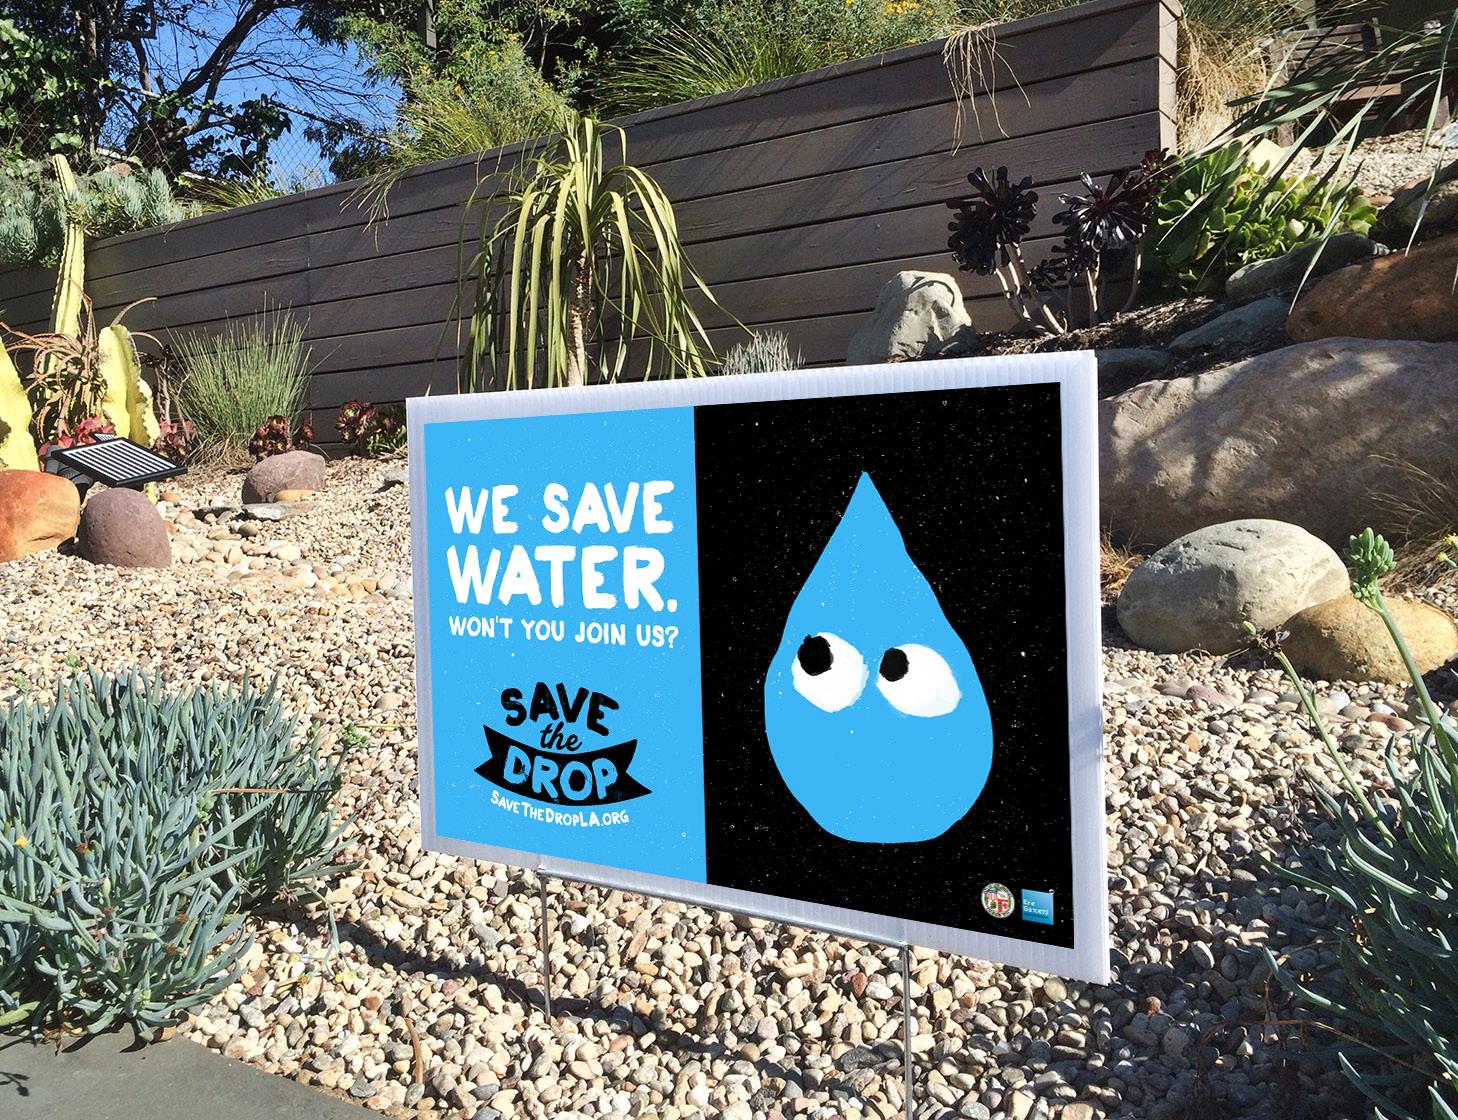 LA市で節水を呼び掛けるキャンペーン「Save the Drop」のポスター